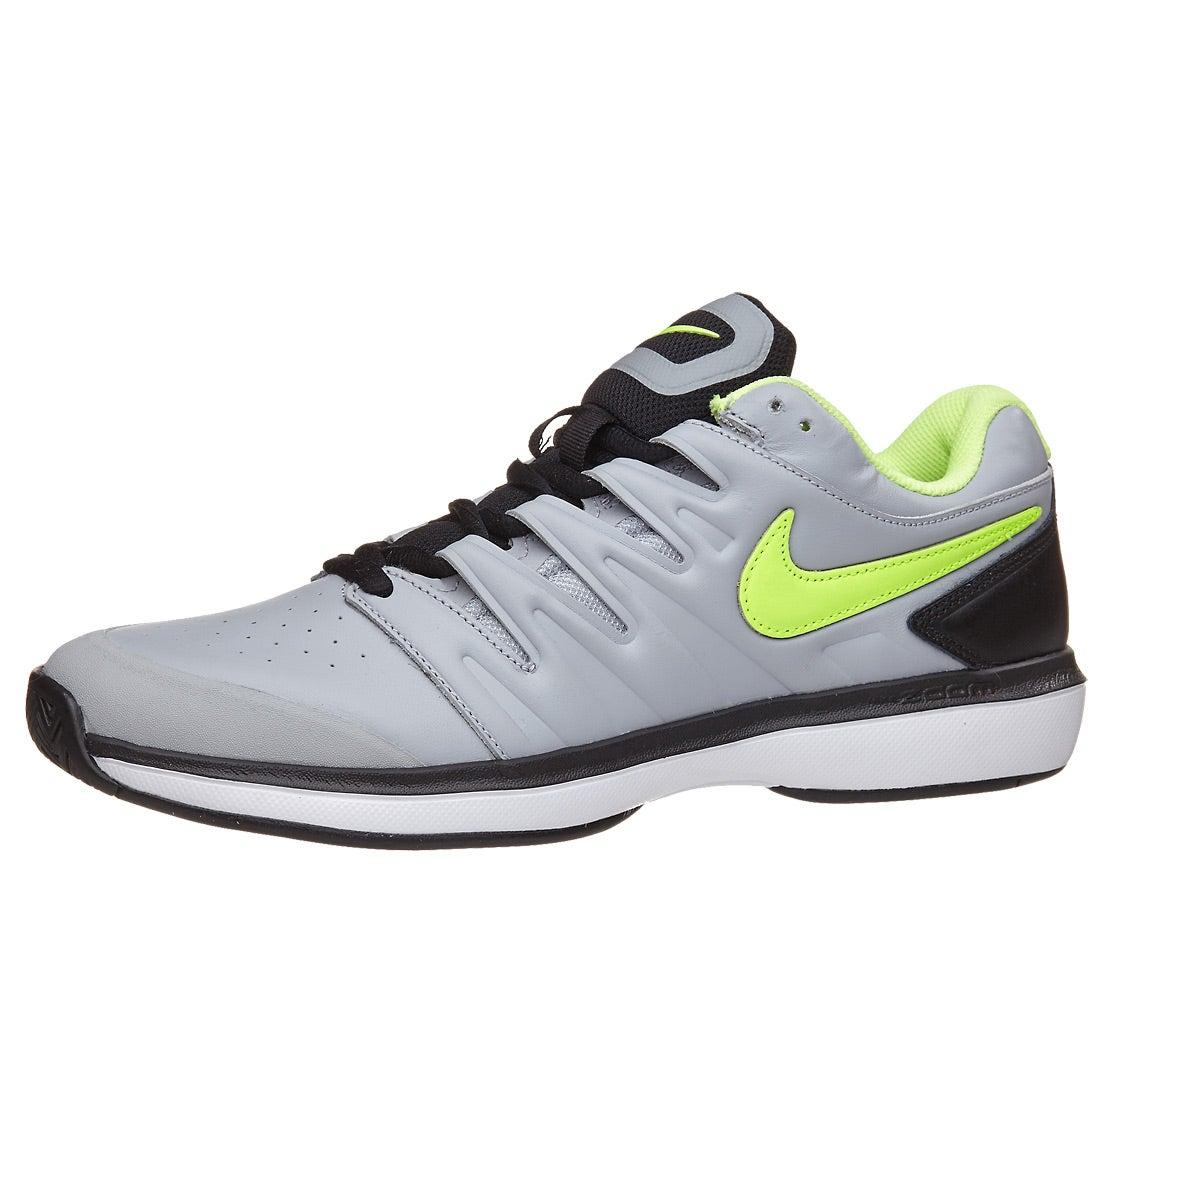 Nike Air Zoom Prestige Leather Grey Volt Men s Shoe 360° View ... 5efaf5c8c